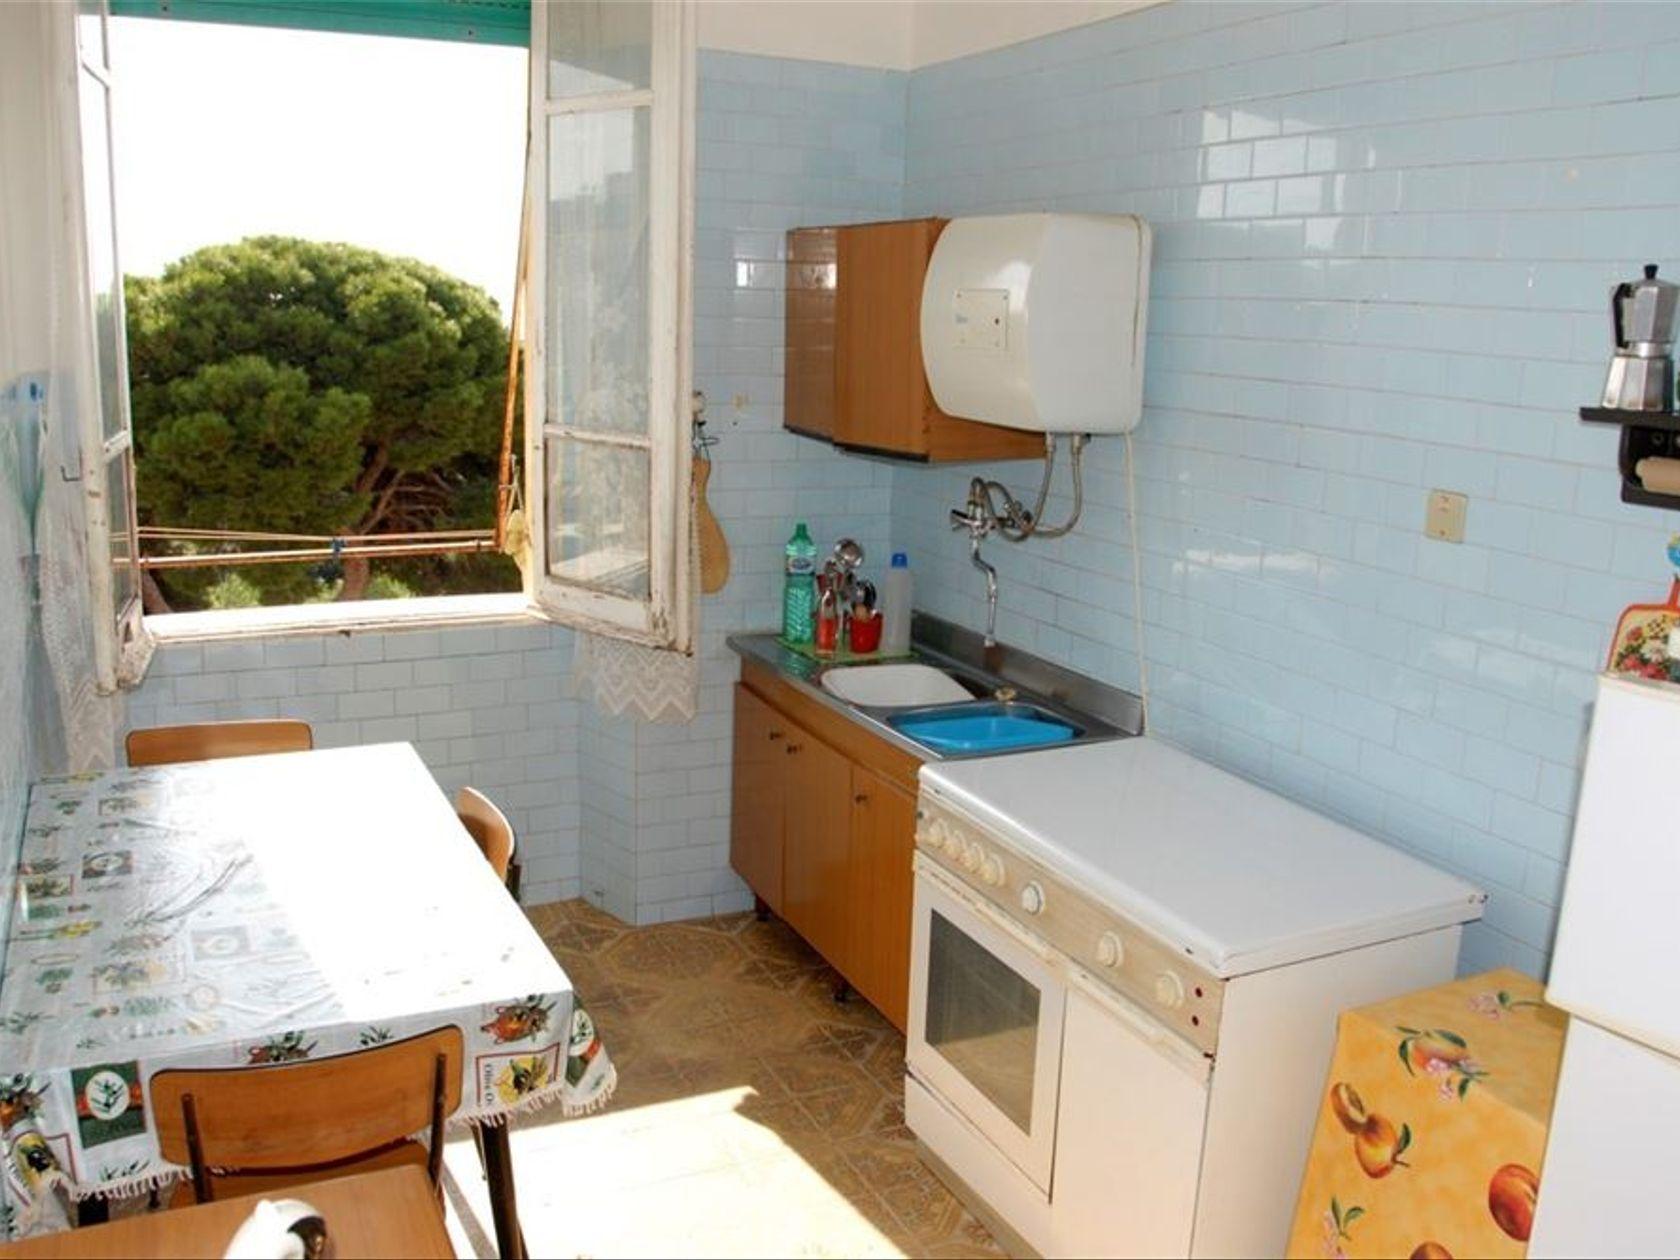 Appartamento Cagliari-punici-merello, Cagliari, CA Vendita - Foto 7